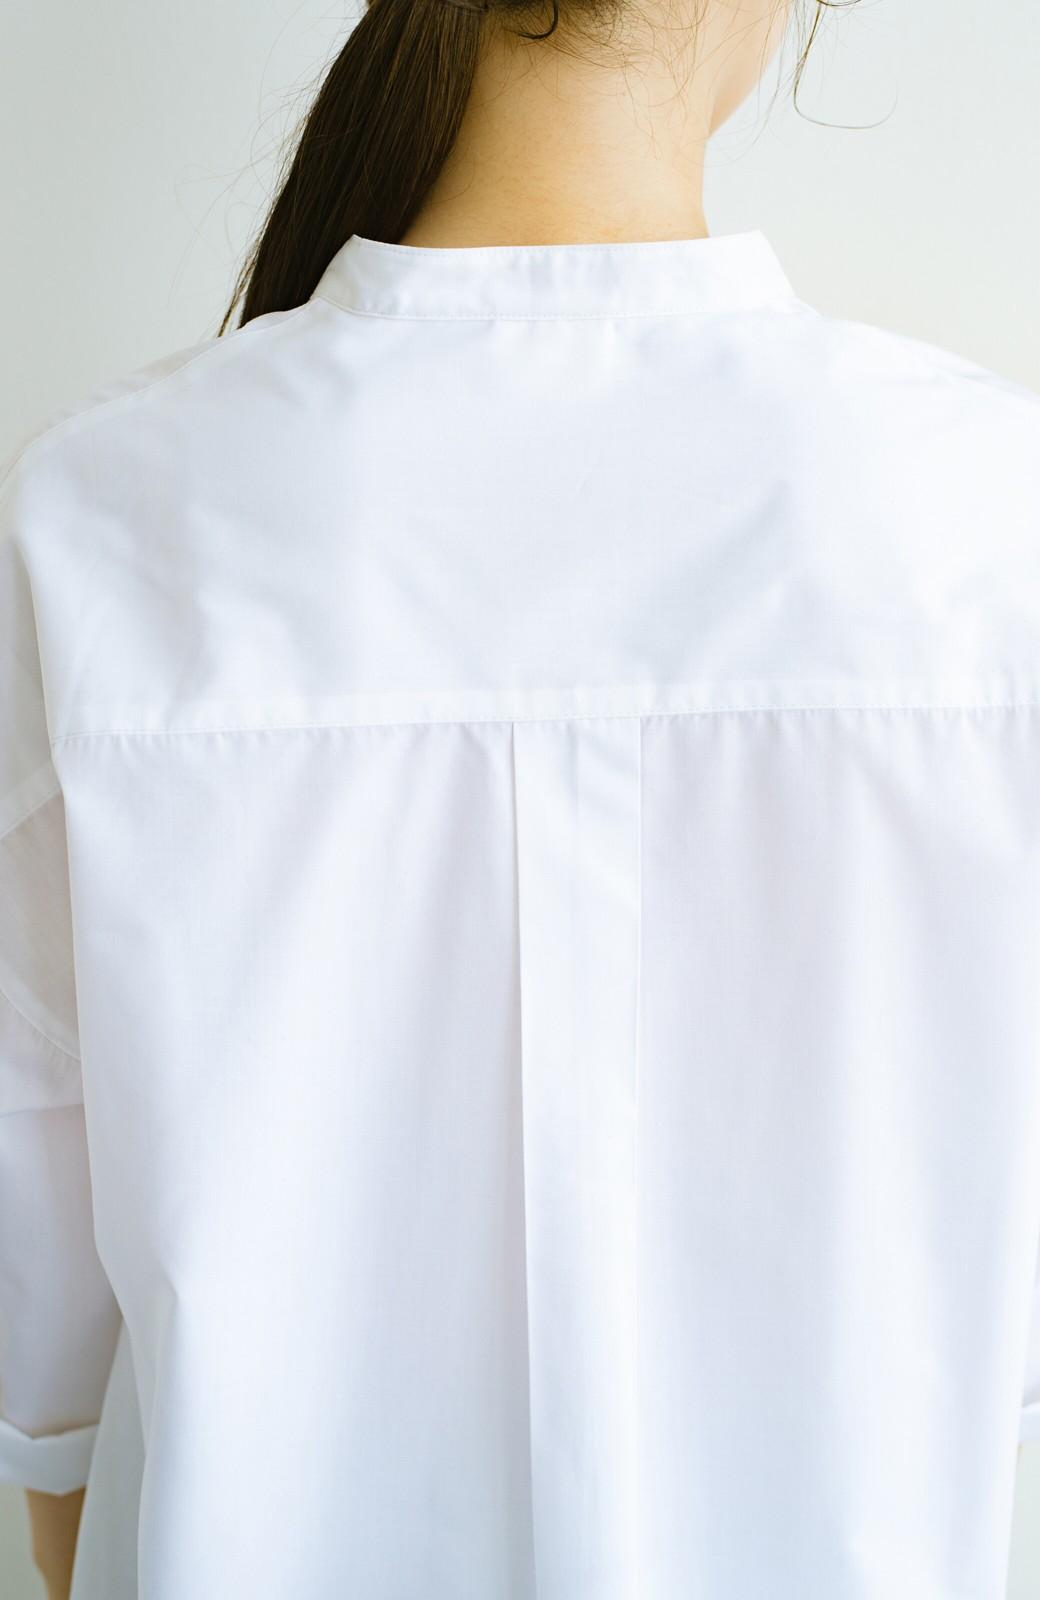 haco! 【あまる肩幅党】肩幅広めがなんのその! きちんと見えて肩まわりゆったりの定番スタンドカラーシャツ <ホワイト>の商品写真7